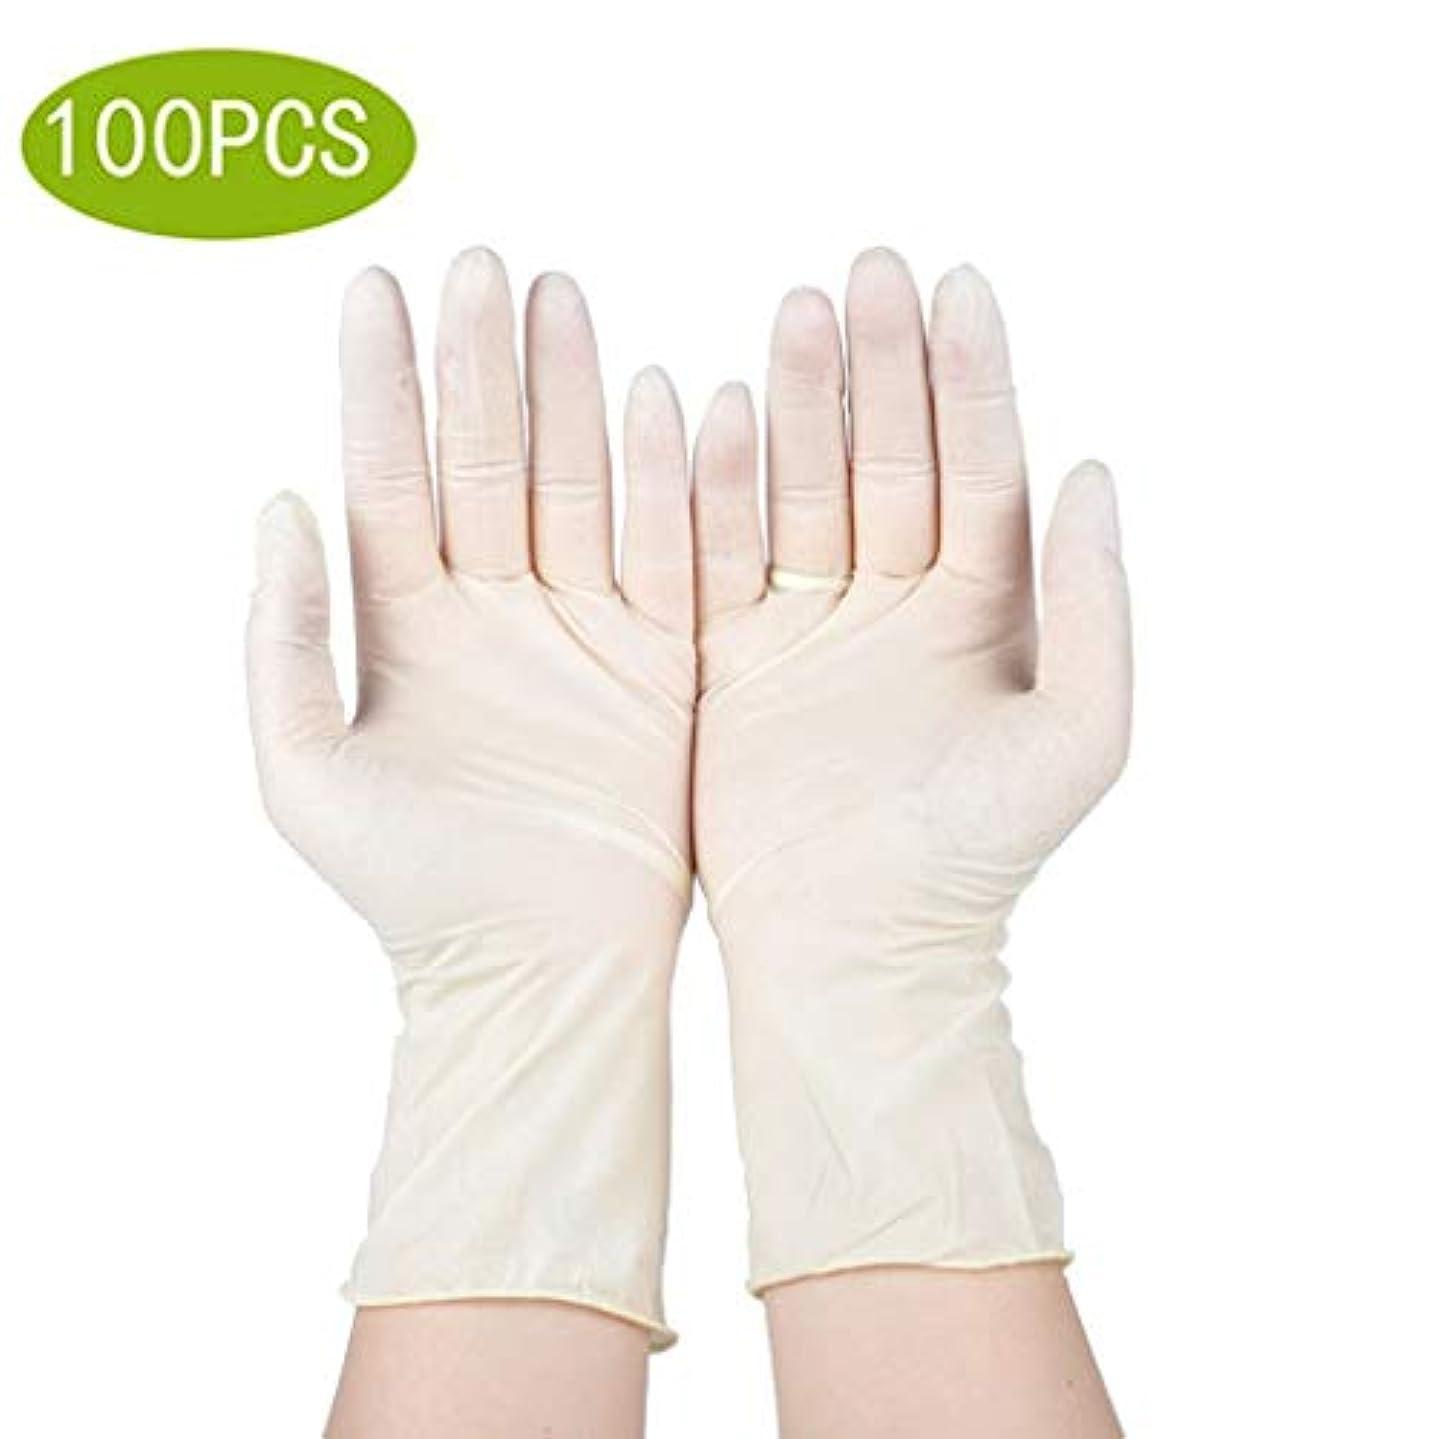 クルーズしばしば甲虫ニトリル手袋義務使い捨てビニール手袋、100カウント、特大 - パウダーフリー、両性、極度の快適さ、特別に強く、丈夫で伸縮性がある、医療、食品、マルチユース (Color : Latex Gloves, Size : M)